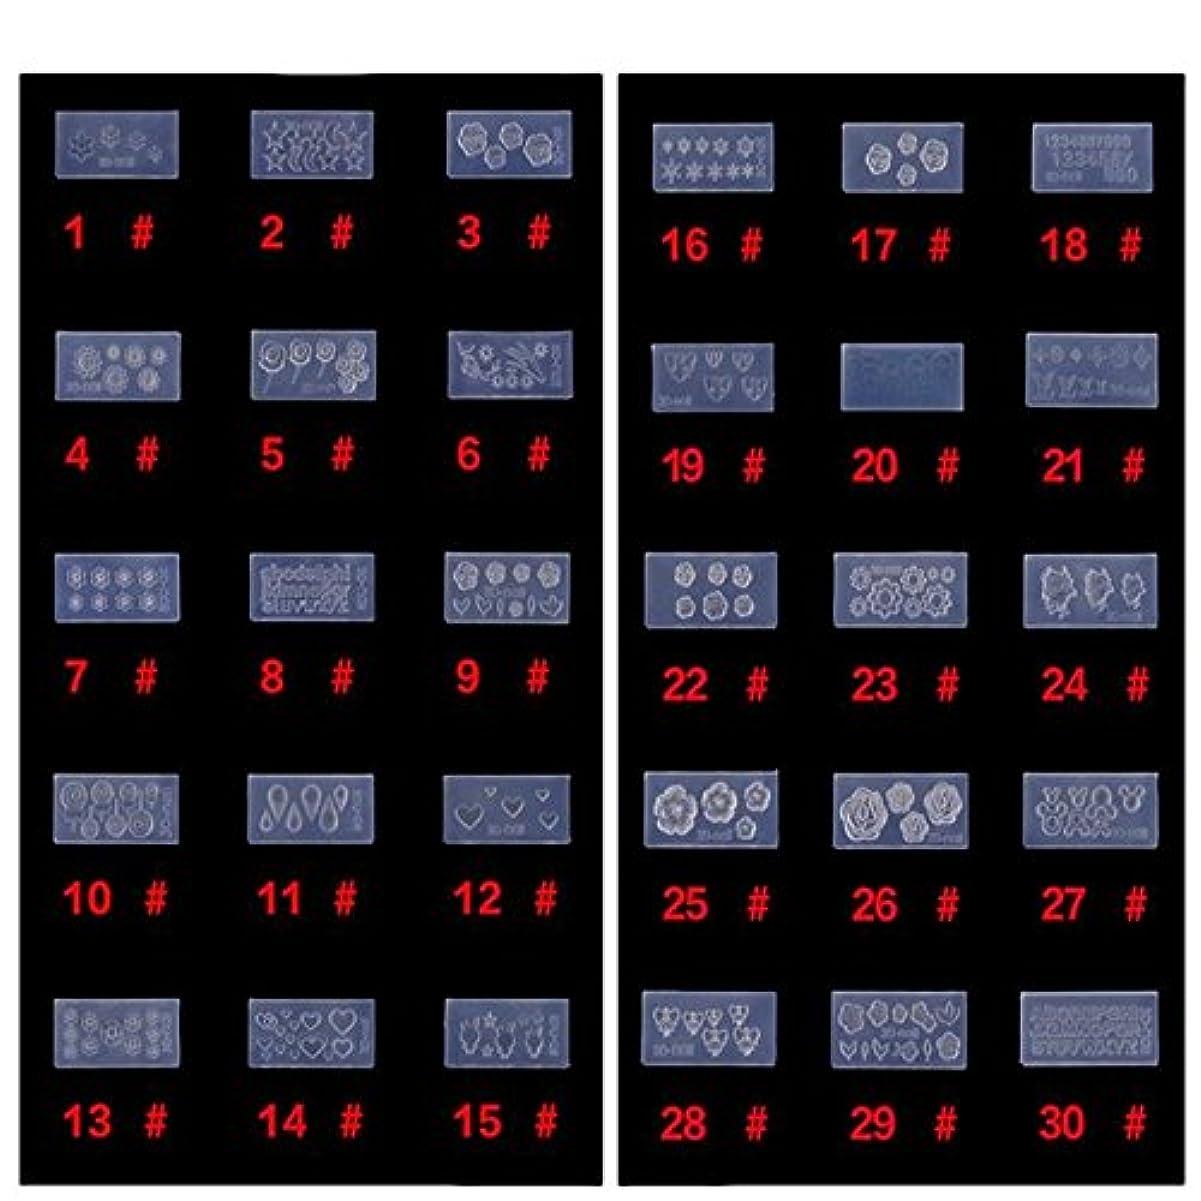 概要系譜簡略化するシリコン モールド 3D ネイル用 アートデコ まとめて30個 ランダムセット レジン 道具 型 型どり